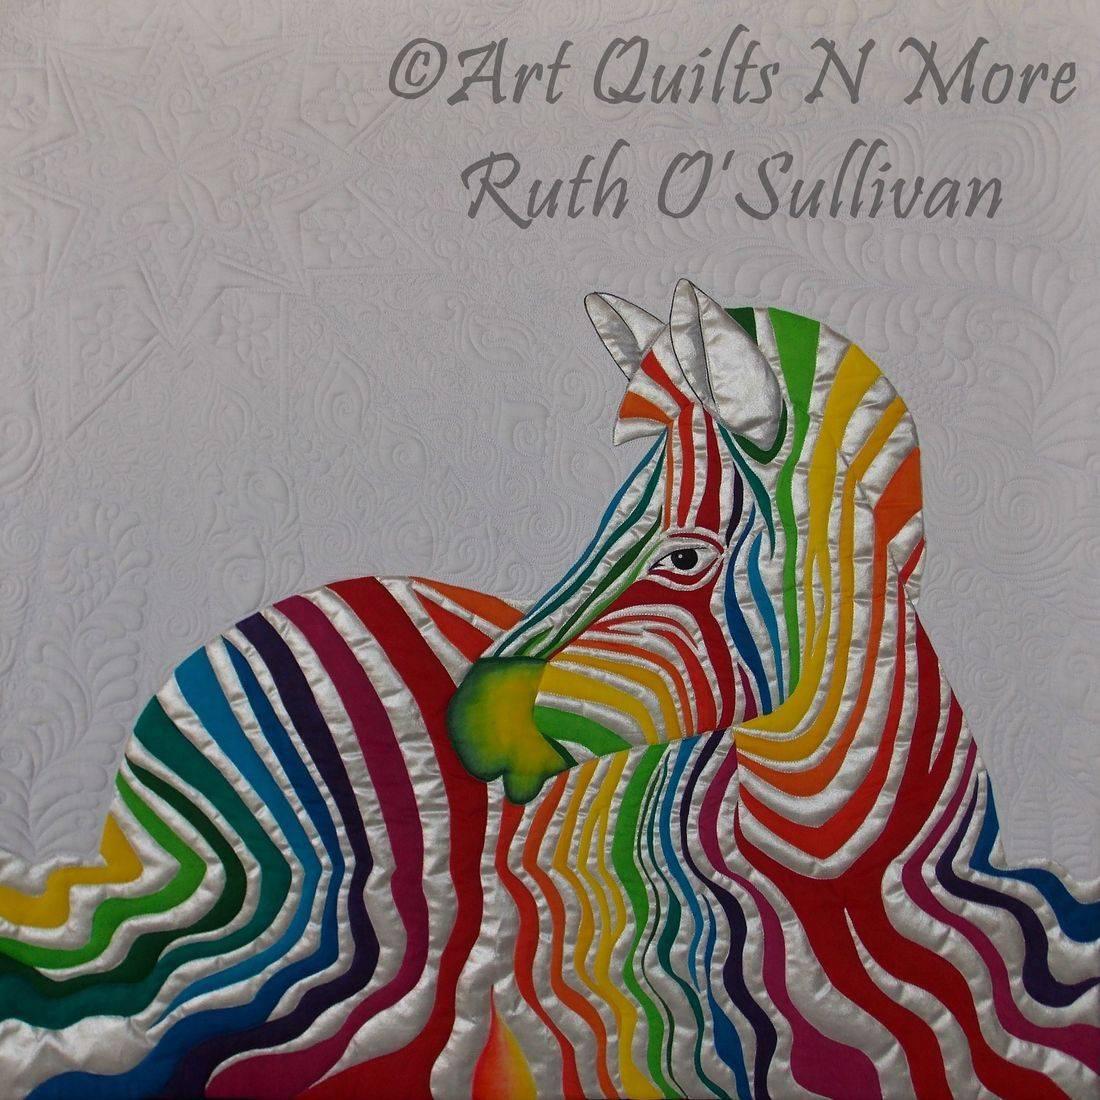 Art Quilt, ART QUILTS, ART QUILT